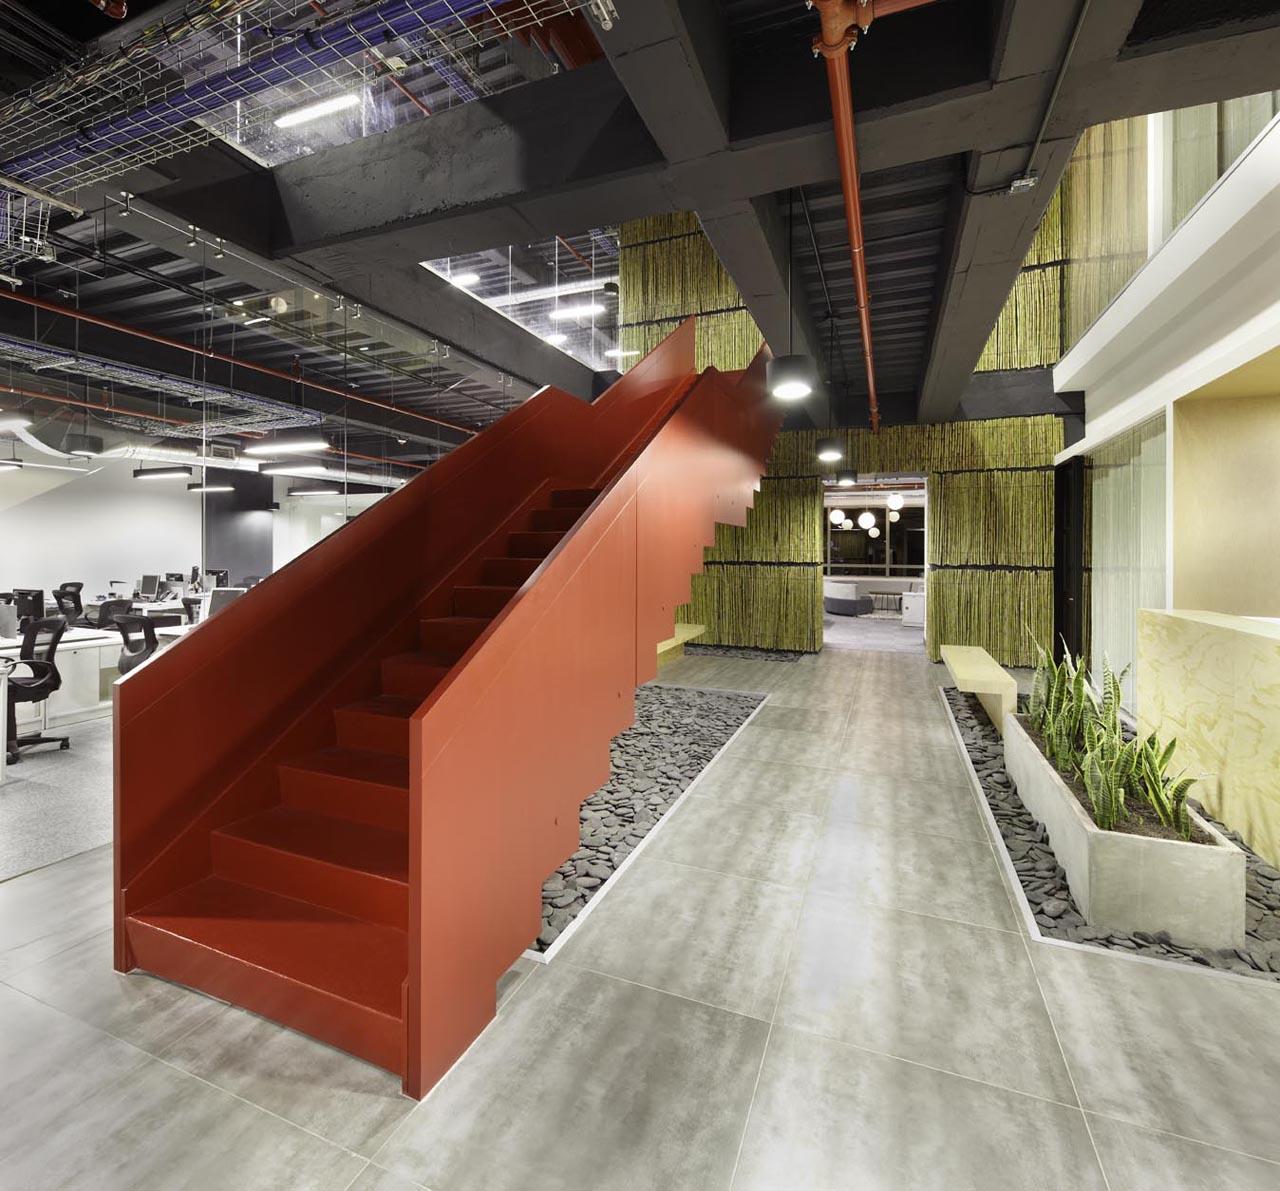 Jwt bogot headquarters by aei arquitectura e interiores for Arquitectura interior